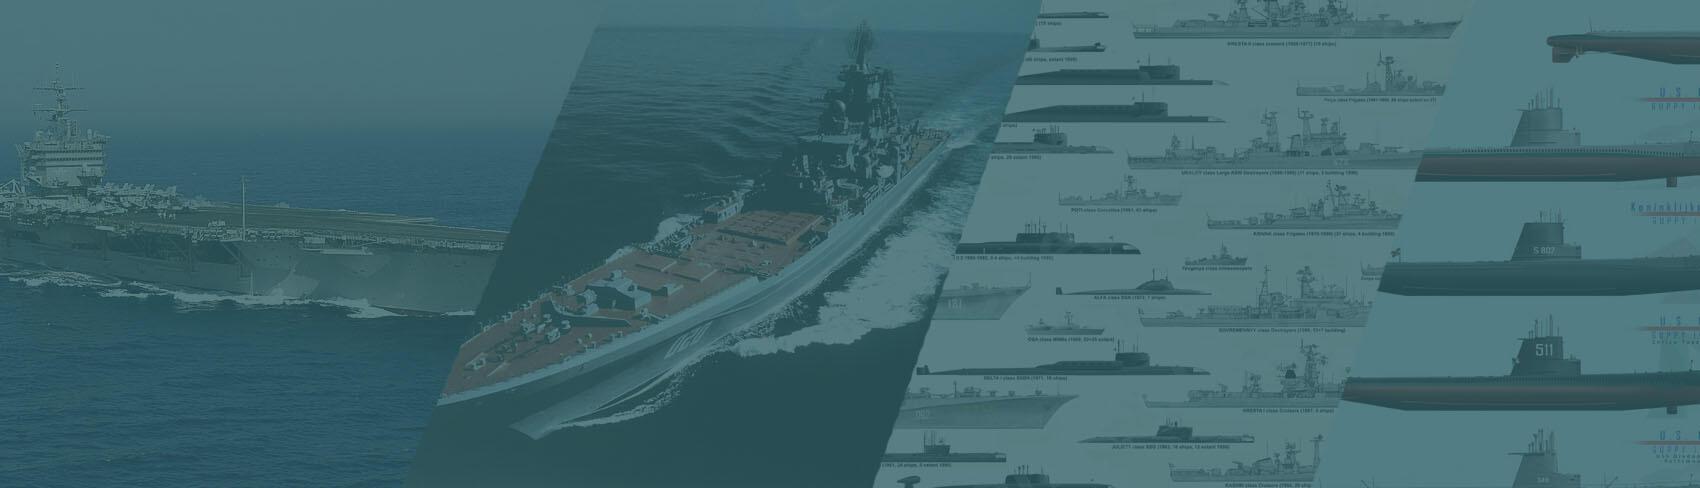 cold war ships